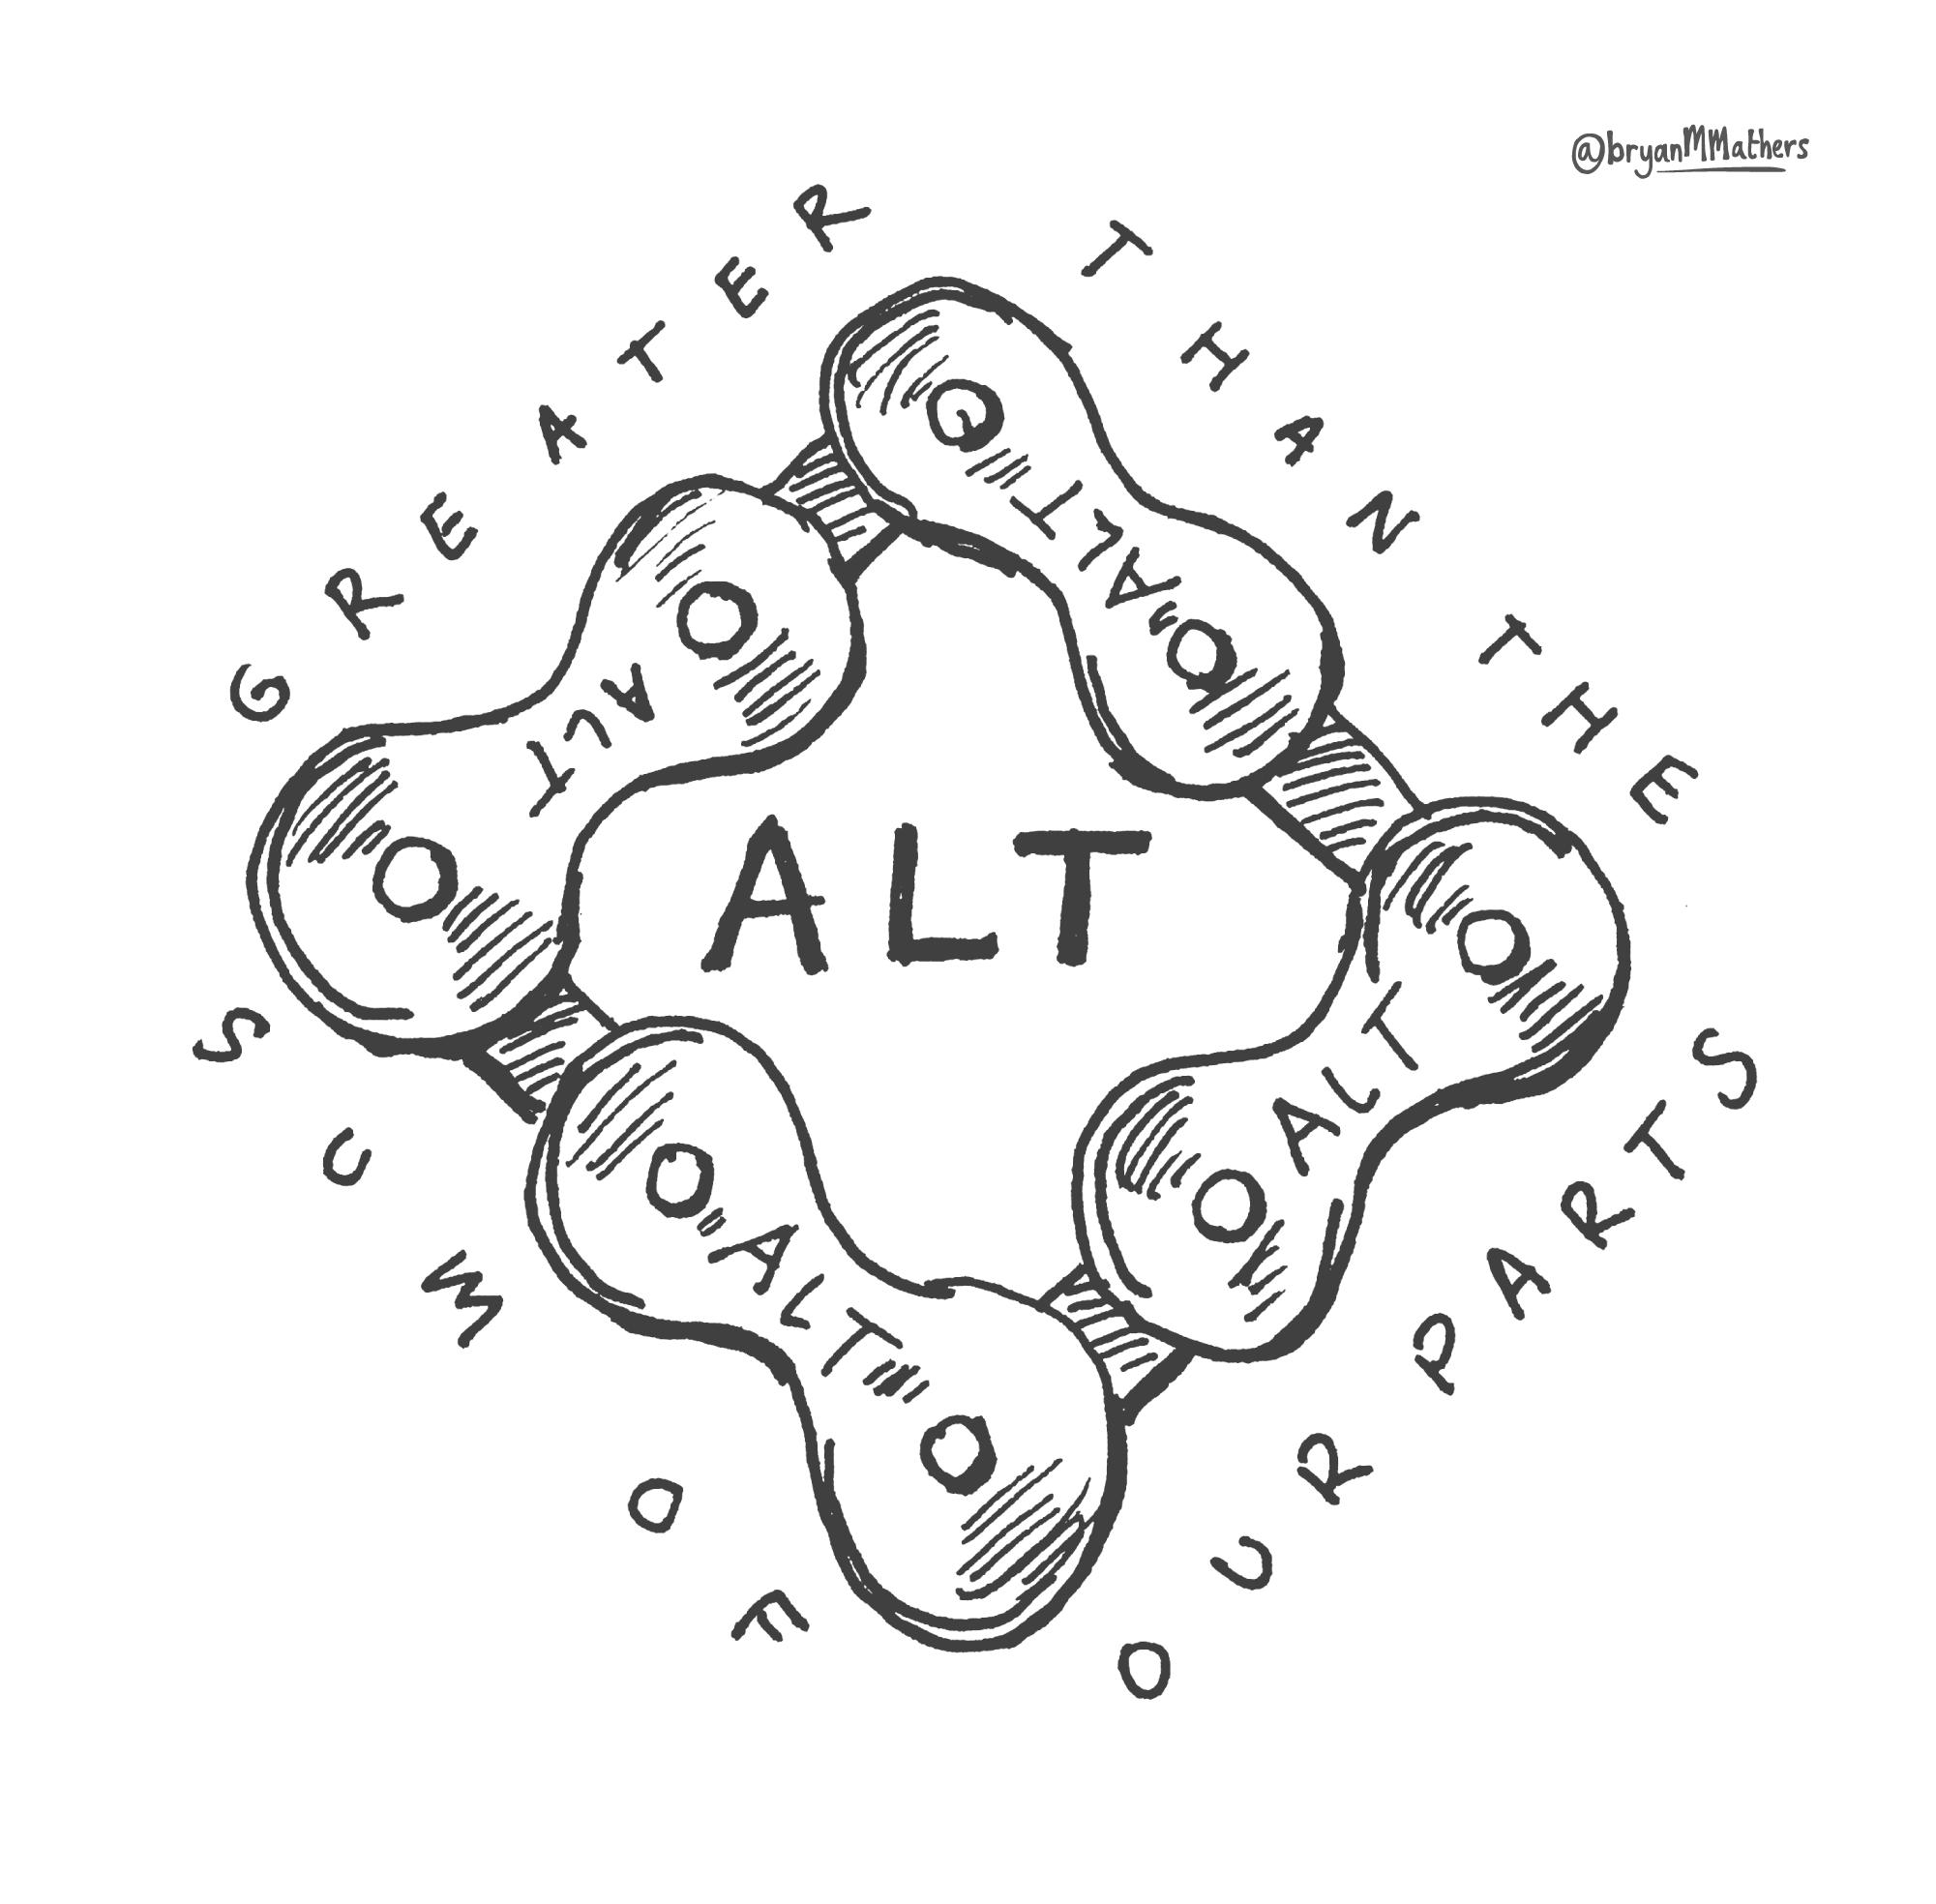 ALT Bikechain - sketch